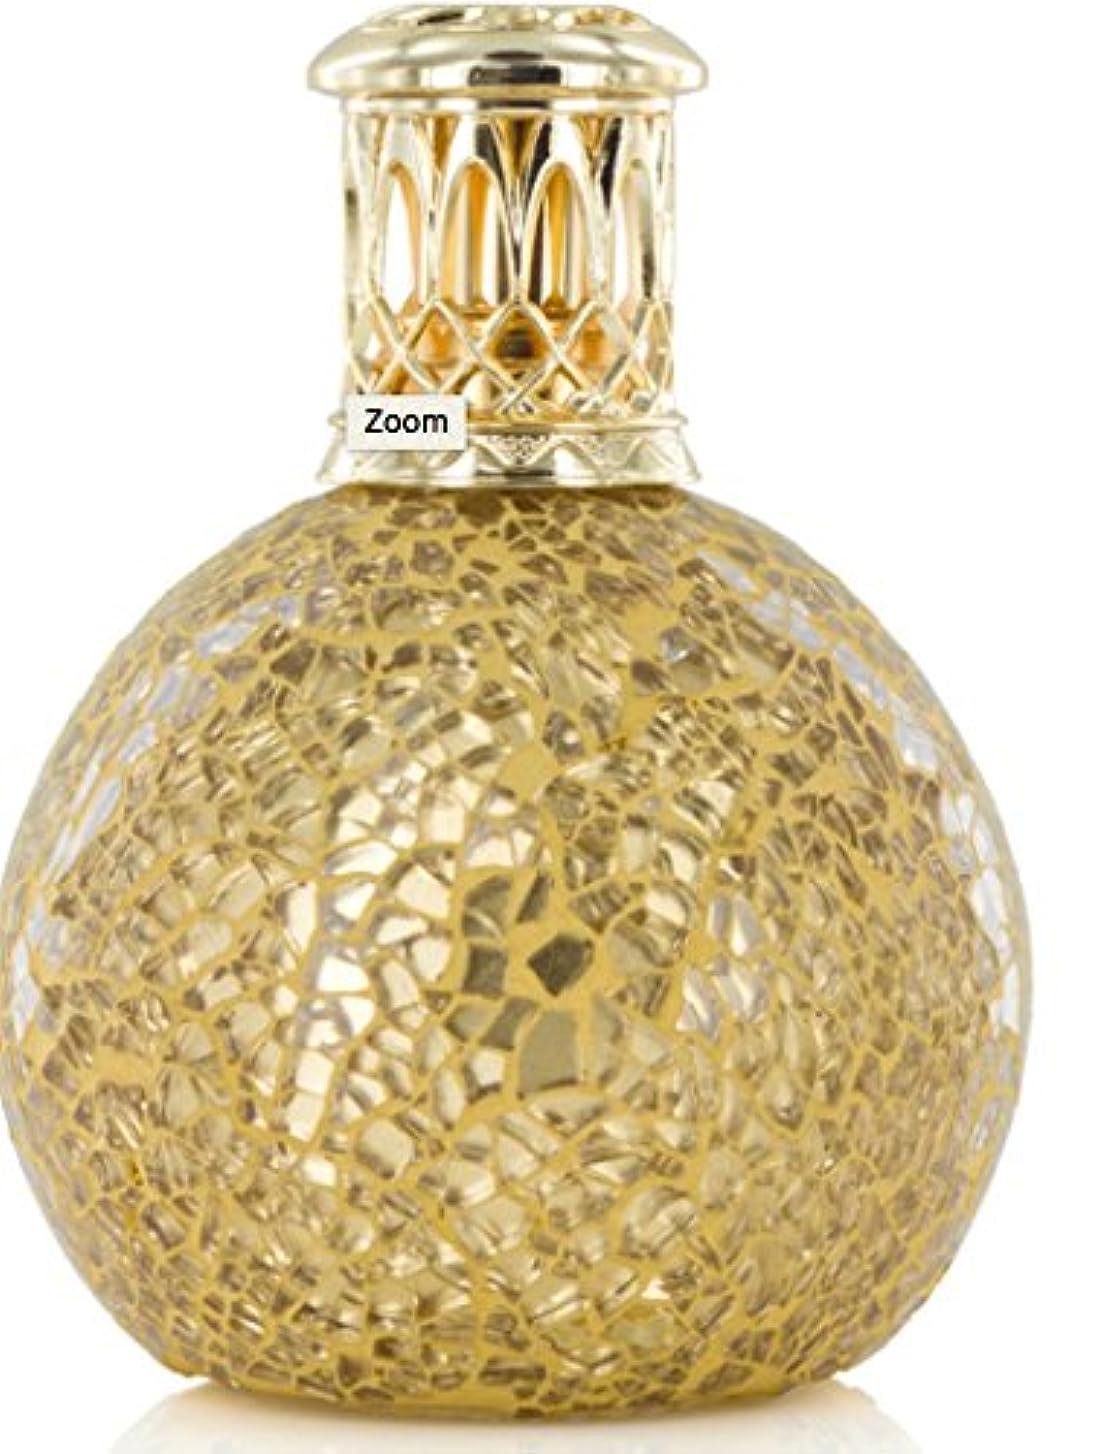 キャップ画像保護Ashleigh&Burwood フレグランスランプ S ゴールデンオーブ FragranceLamps sizeS GoldenOrb アシュレイ&バーウッド